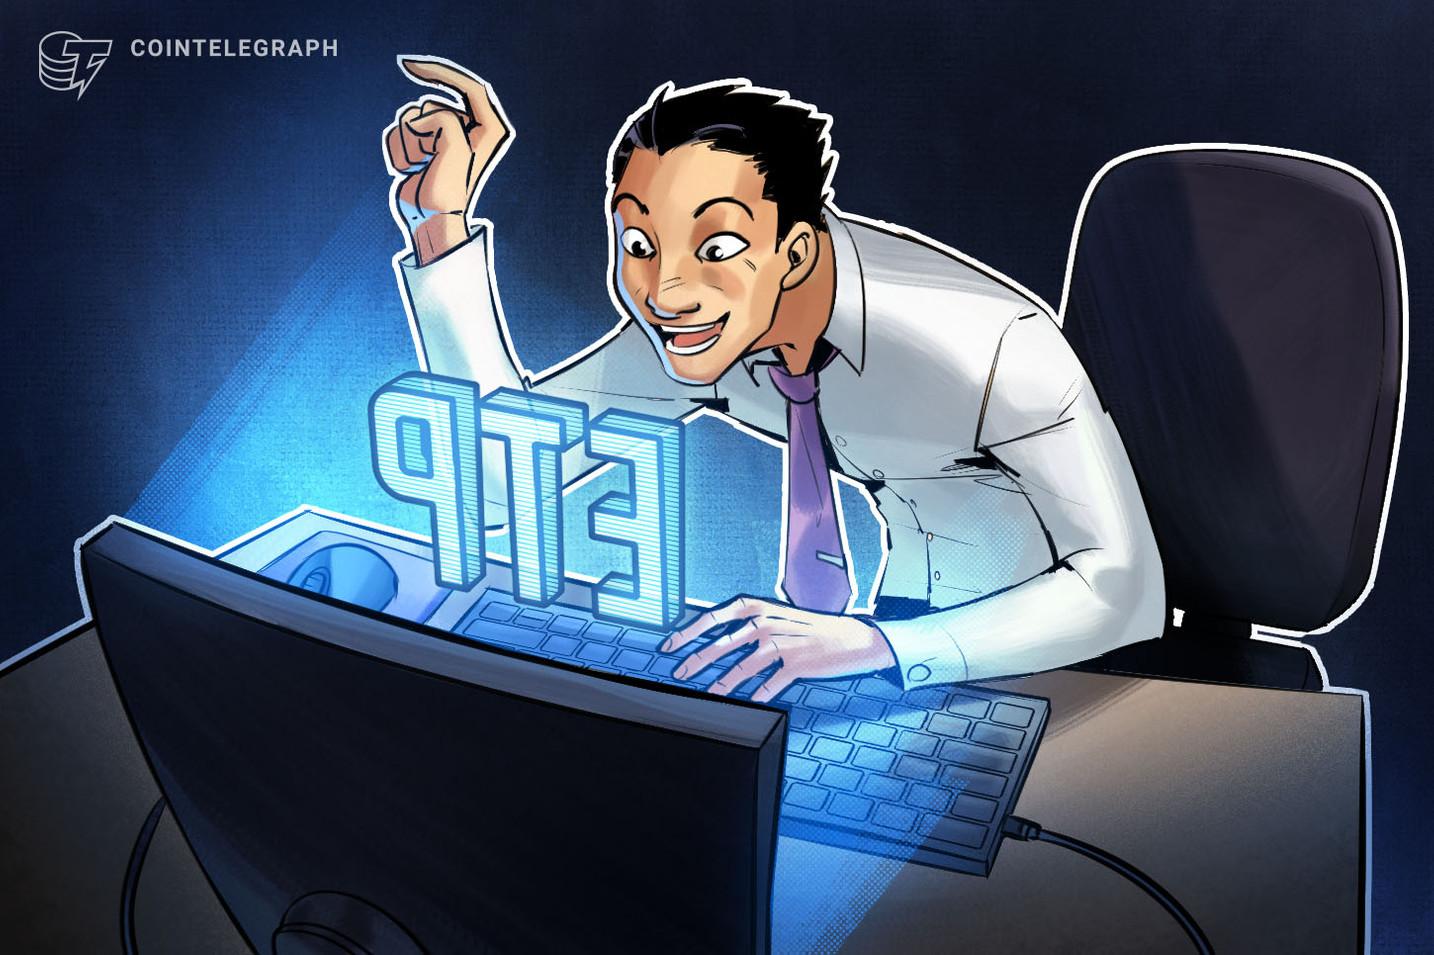 欧州最大級の取引プラットフォーム「クセトラ」で初のイーサリアムETPの取扱開始